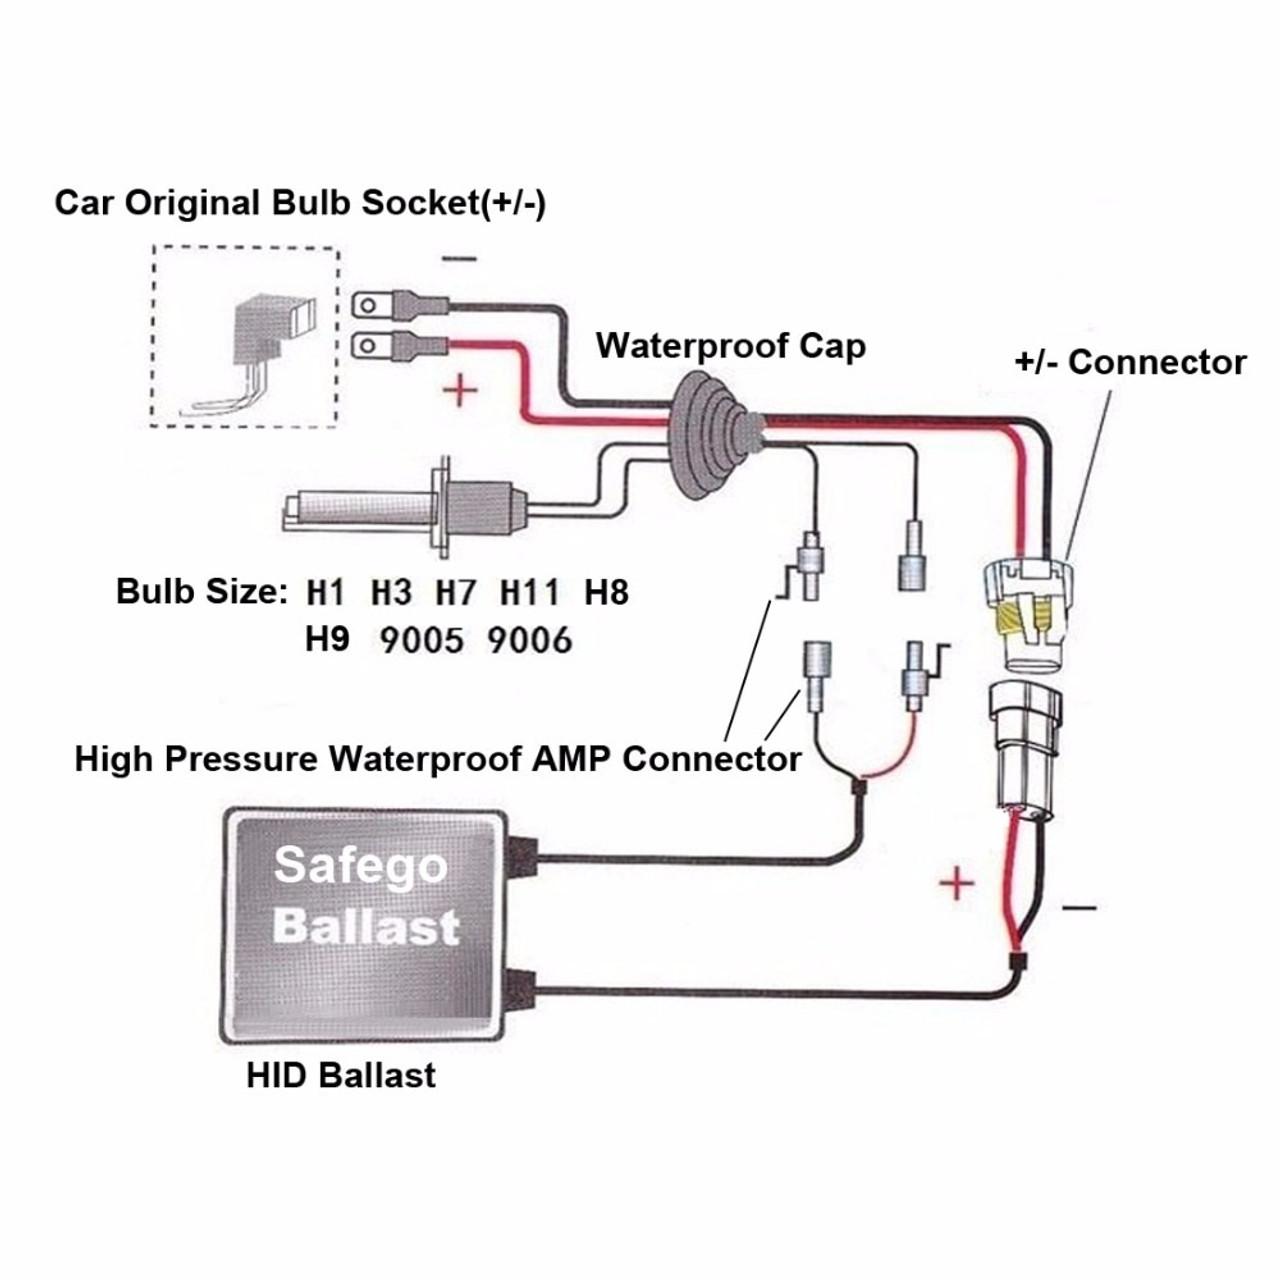 9005 Hid Wiring Diagram - Wiring Diagram Best H Socket Wiring Diagram on